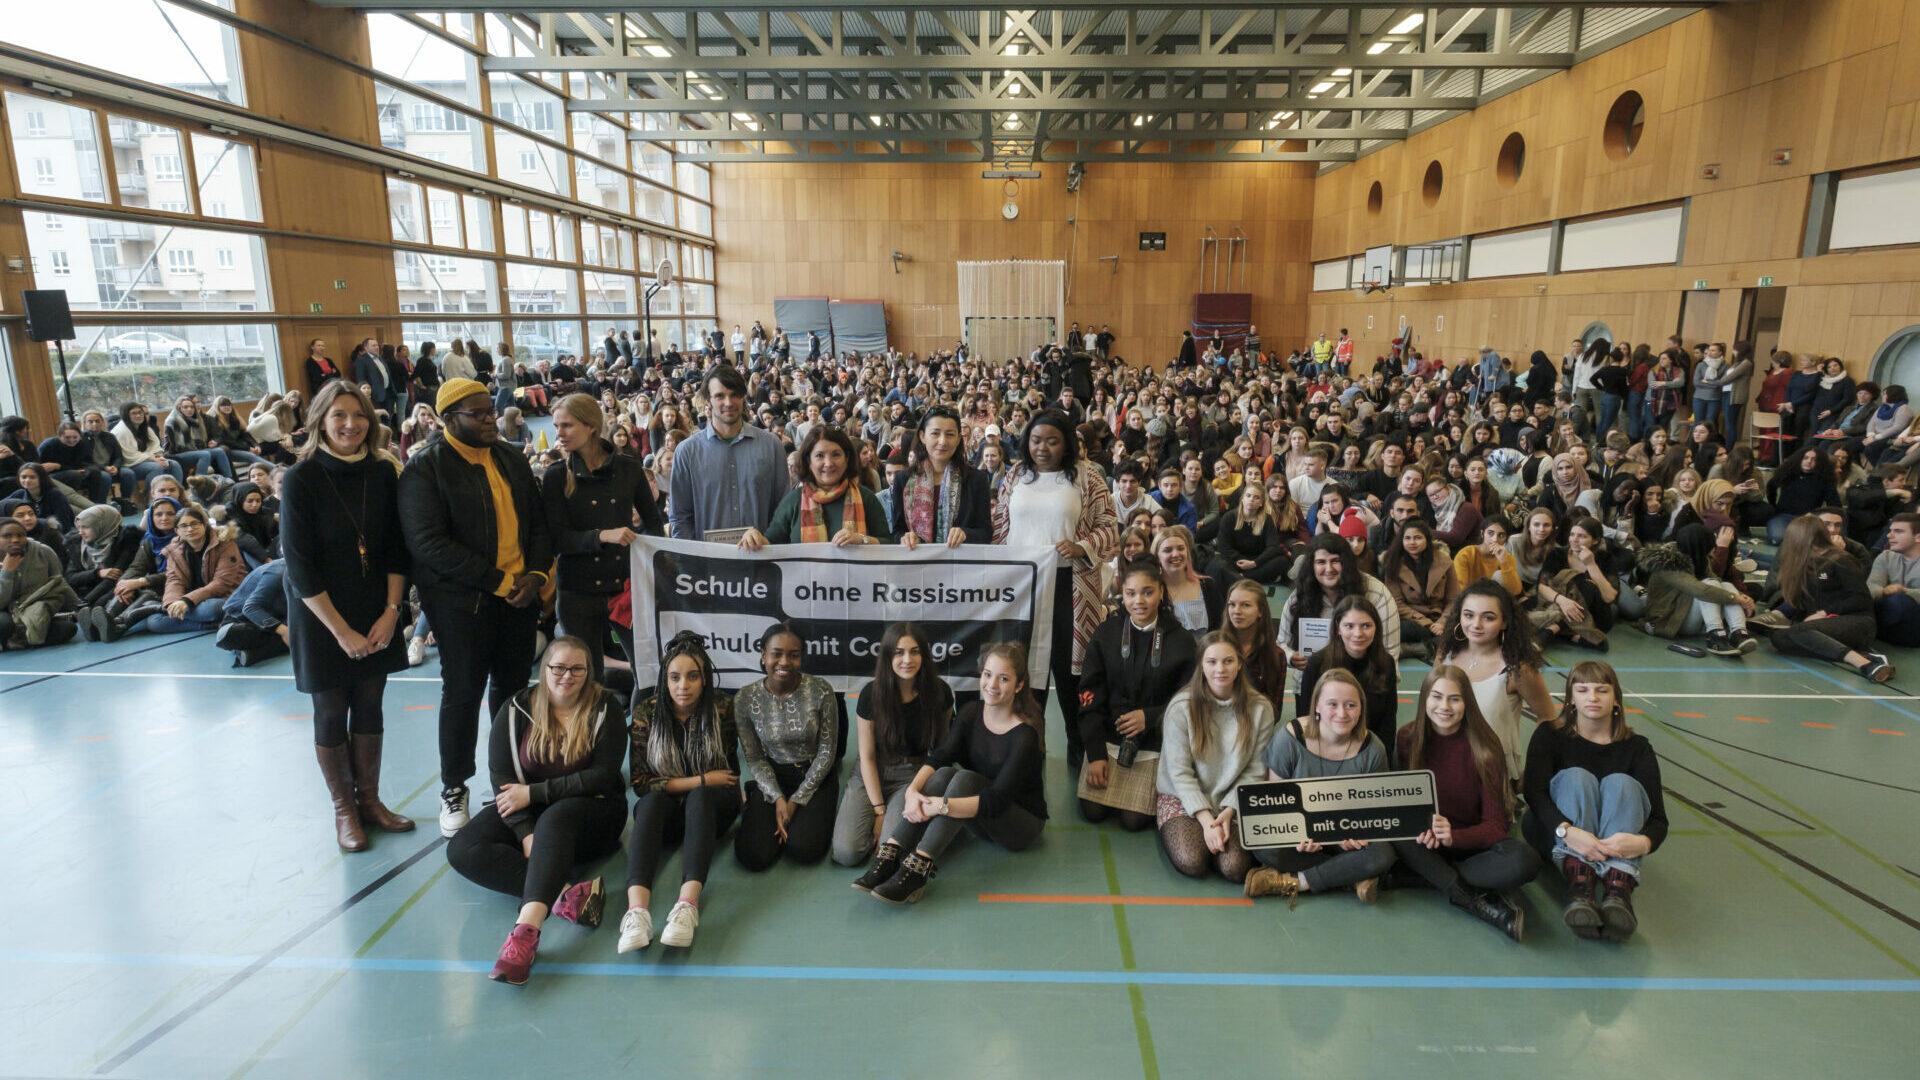 Eine Große Gruppe von Menschen in der Trunhalle einer Schule bei der Titelverleihung